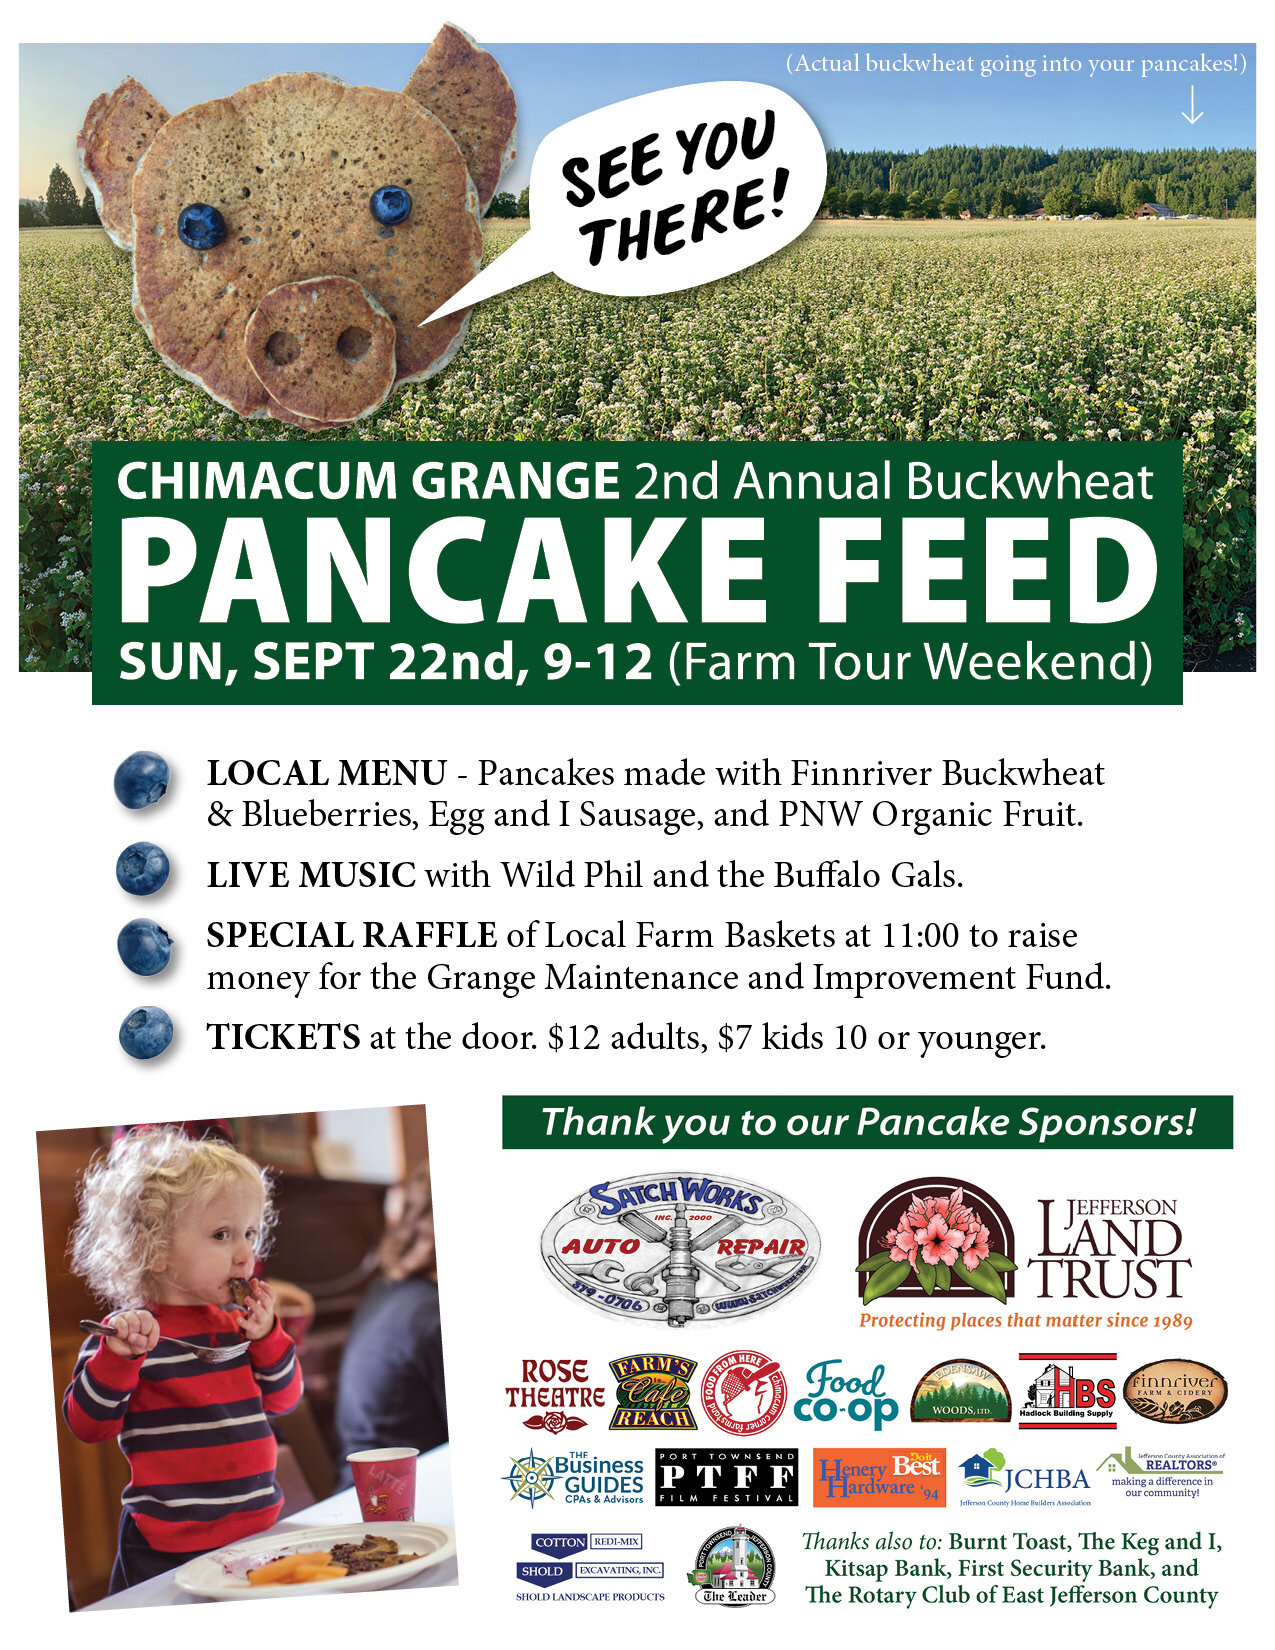 Pancake Letter Poster1275.jpg